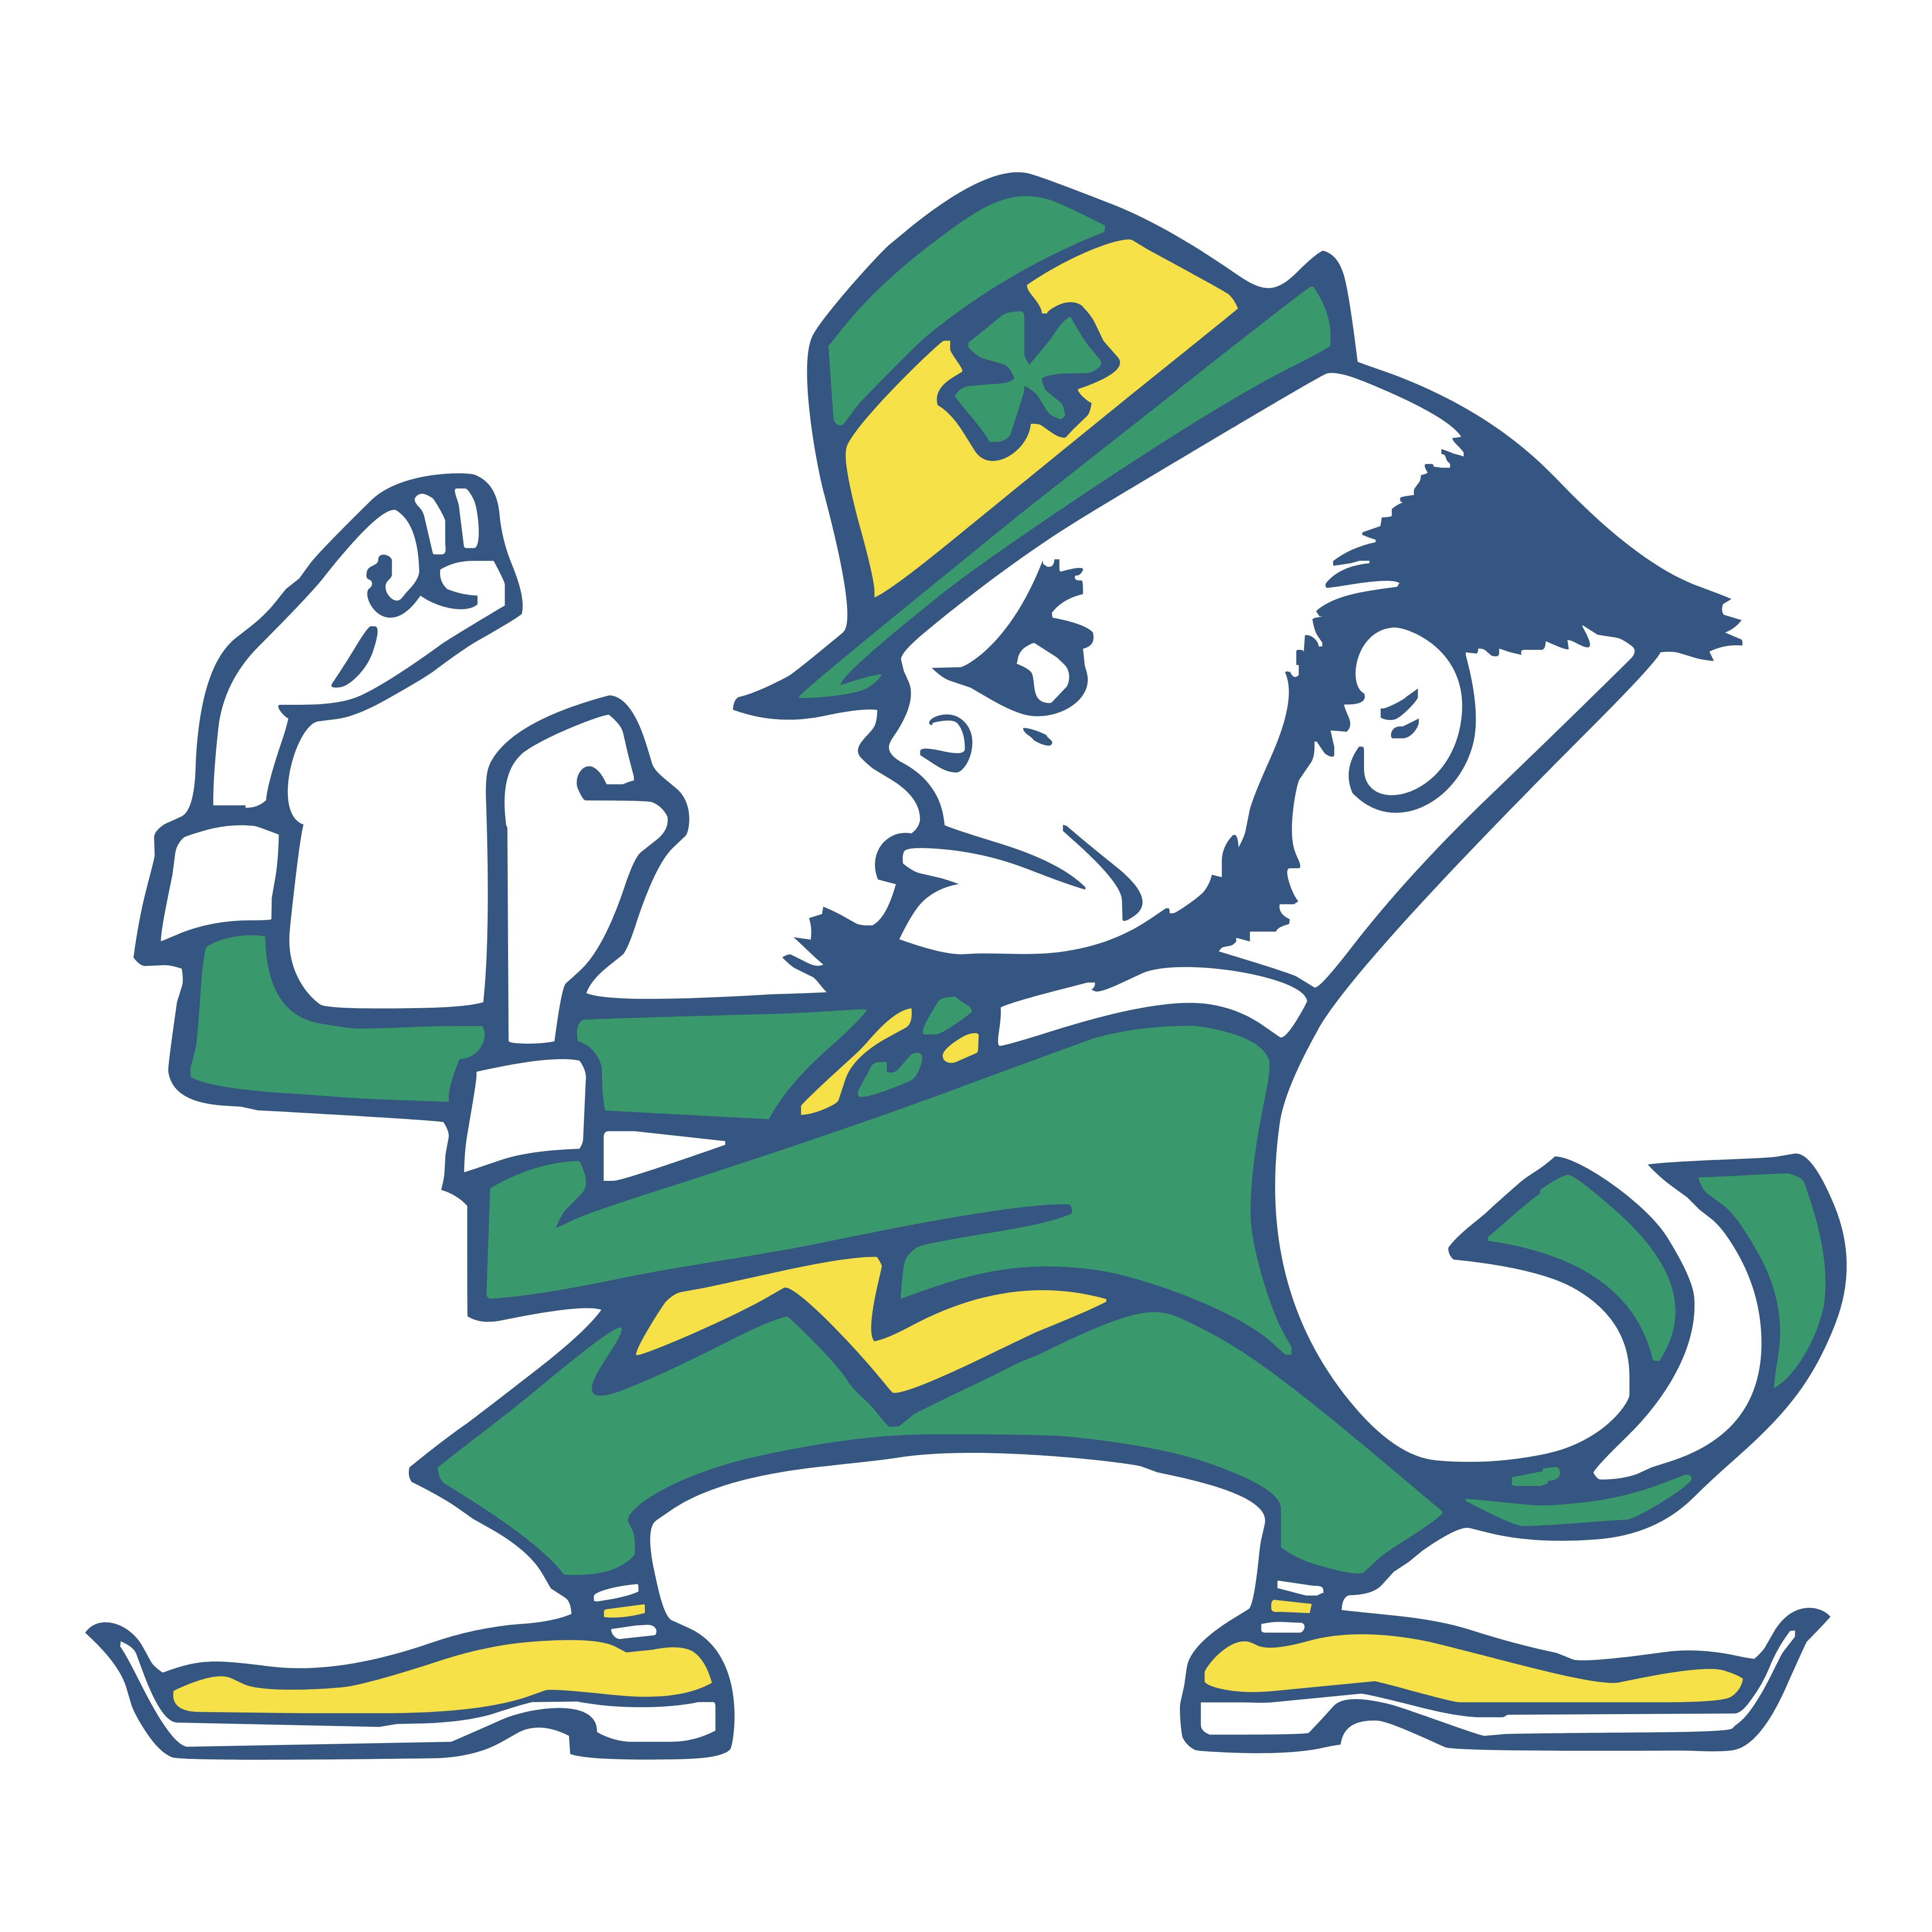 Notre Dame Fighting Irish.